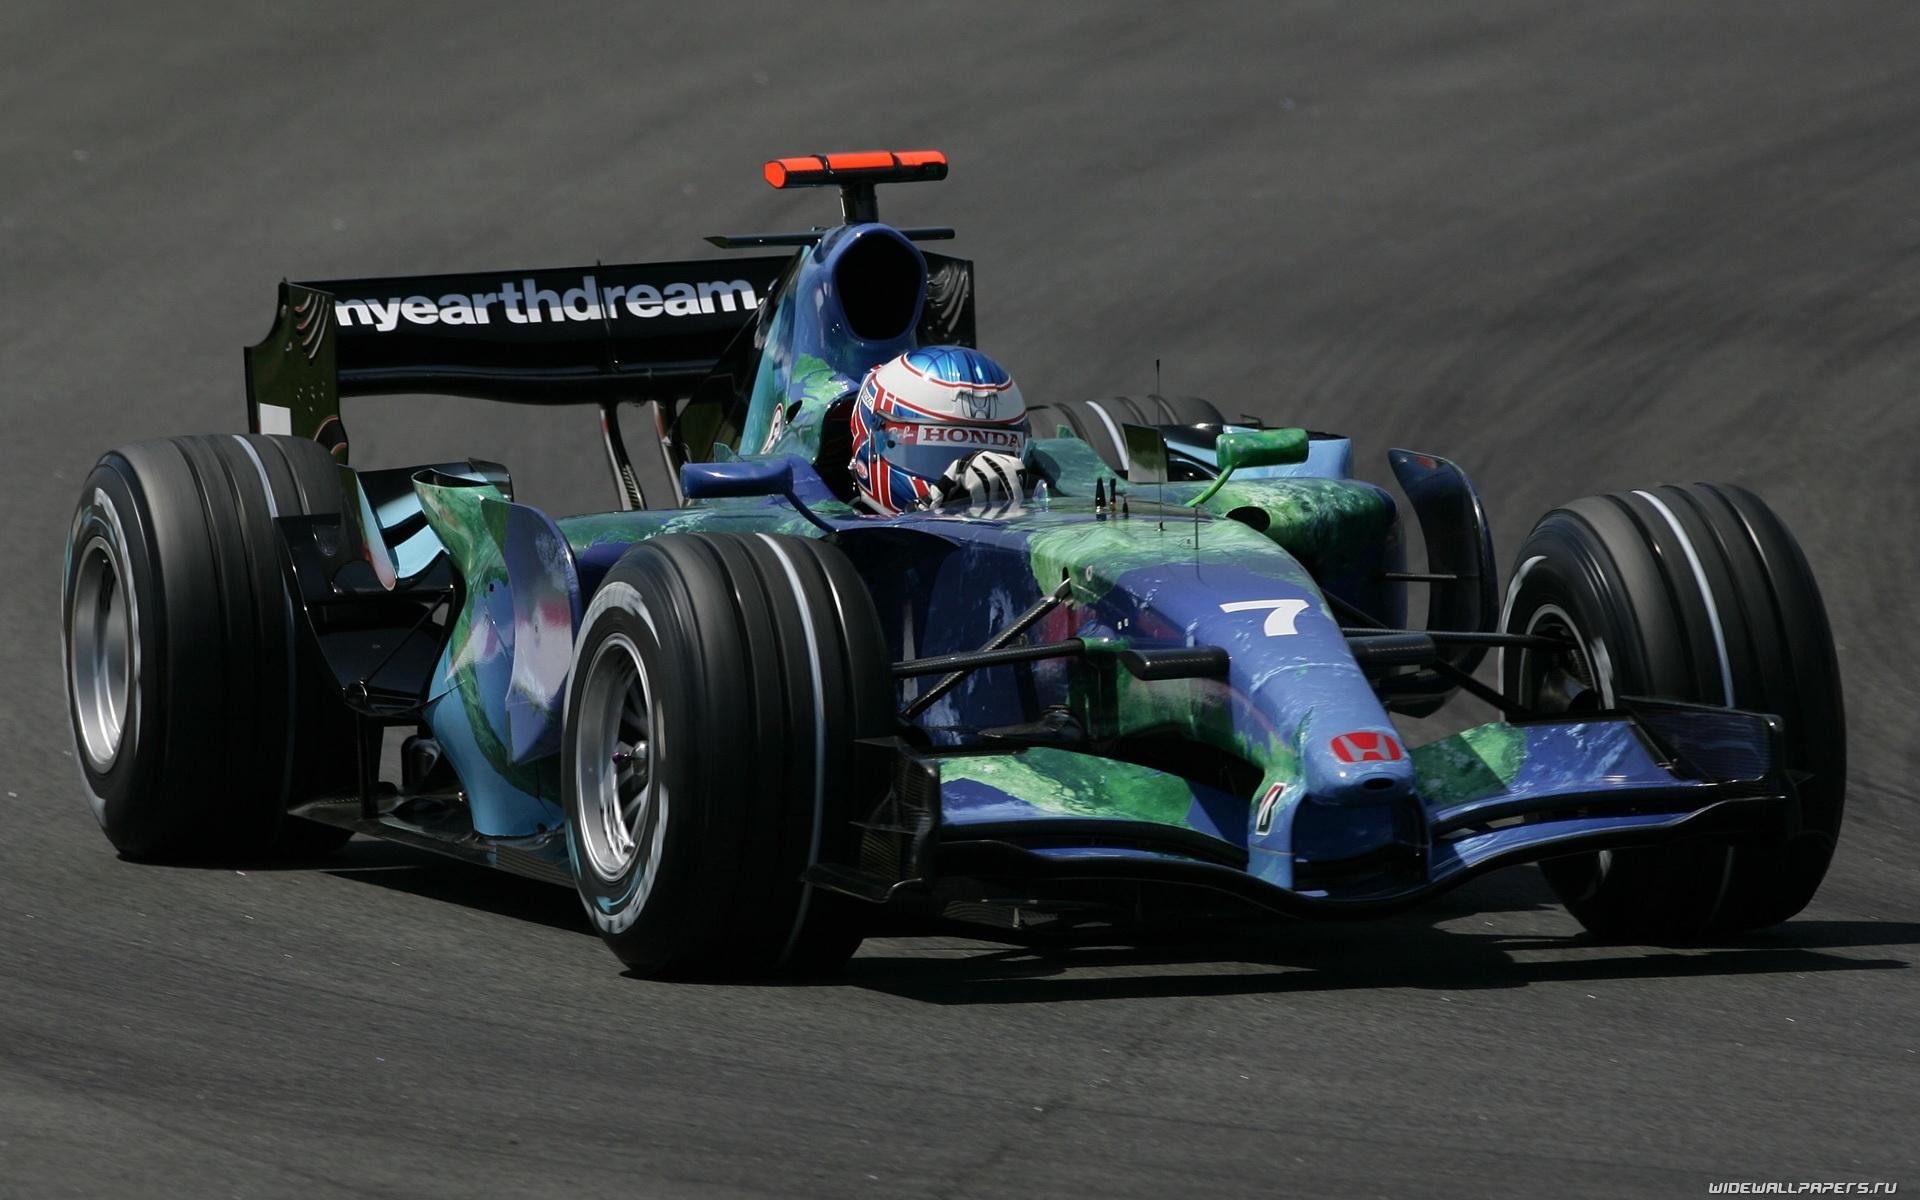 954 скачать обои Транспорт, Машины, Хонда (Honda), Формула-1 (Formula-1, F1) - заставки и картинки бесплатно